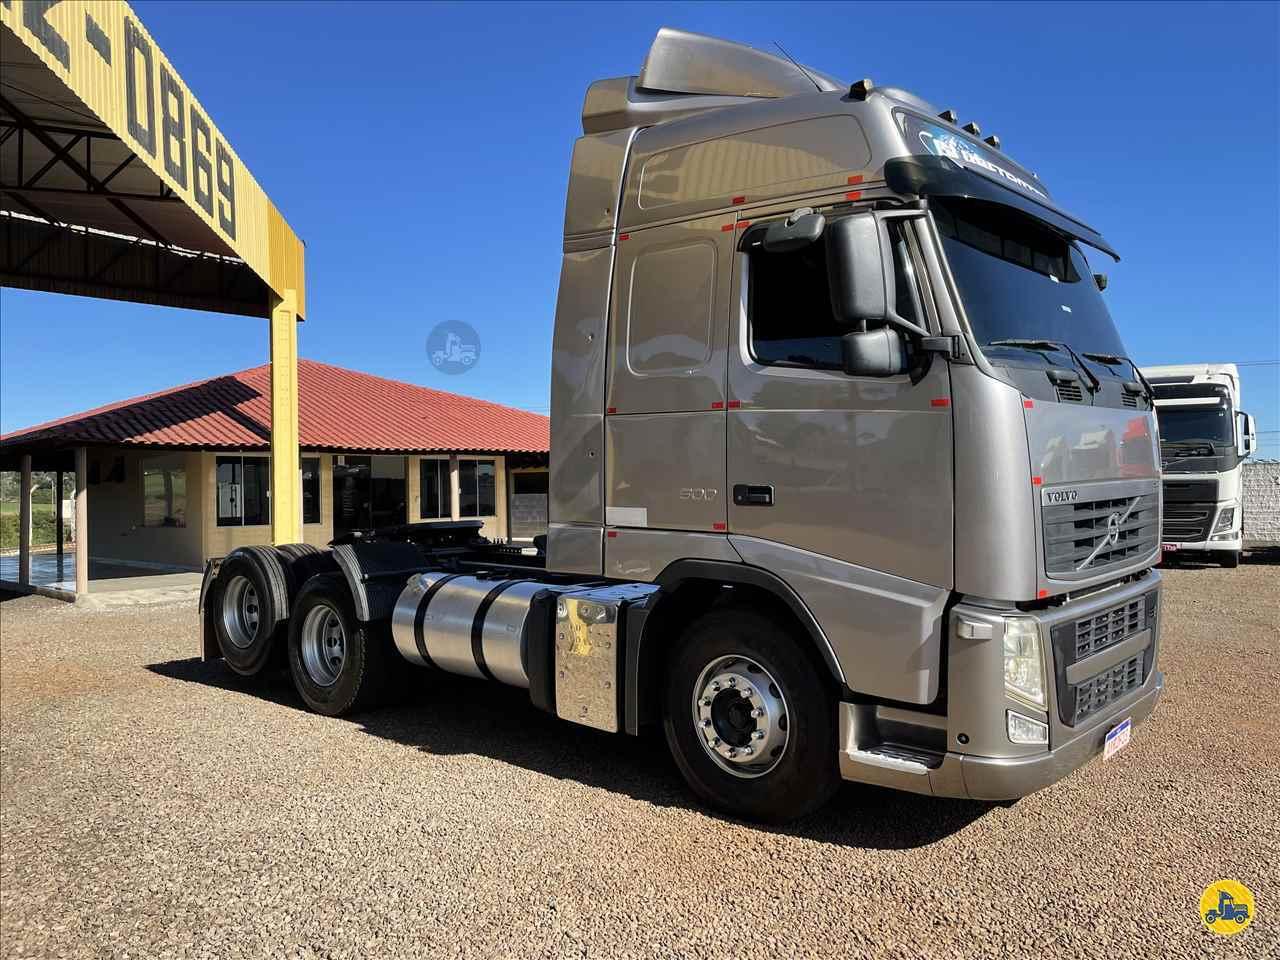 CAMINHAO VOLVO VOLVO FH 500 Cavalo Mecânico Truck 6x2 Mercediesel Caminhões ARAPONGAS PARANÁ PR